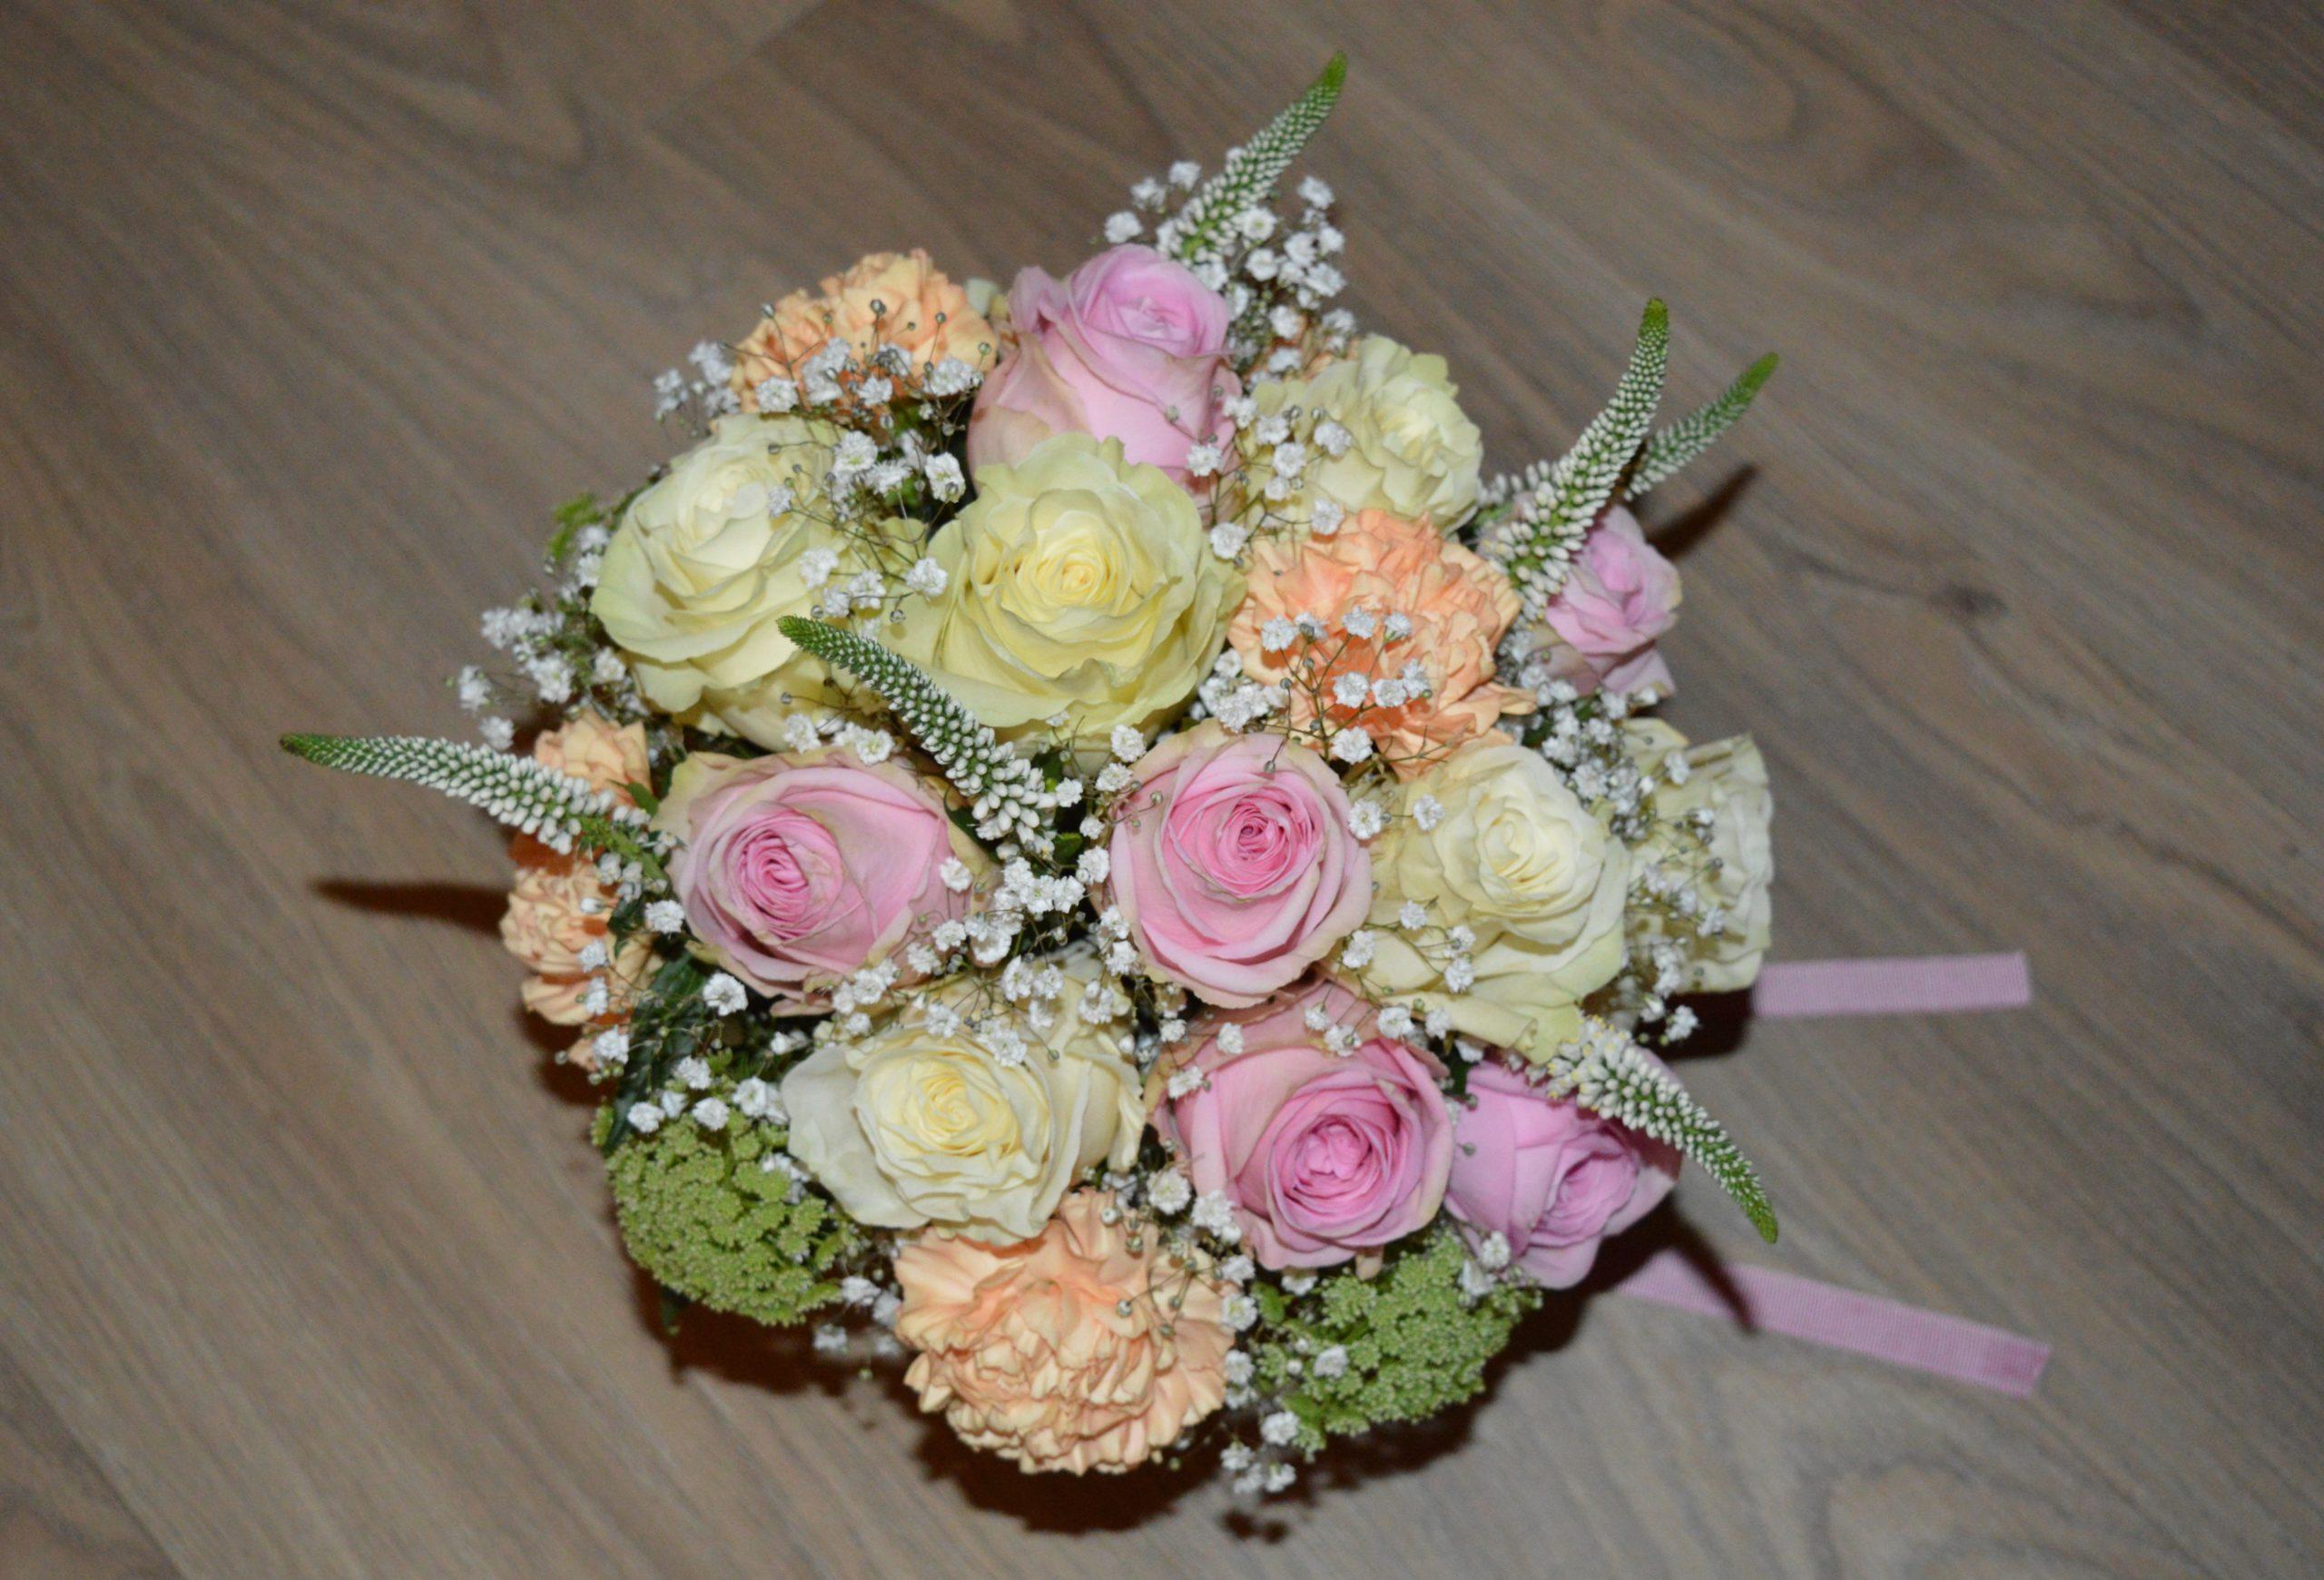 cours art floral saint chamond fleuriste fleur bouquet mariée mariage